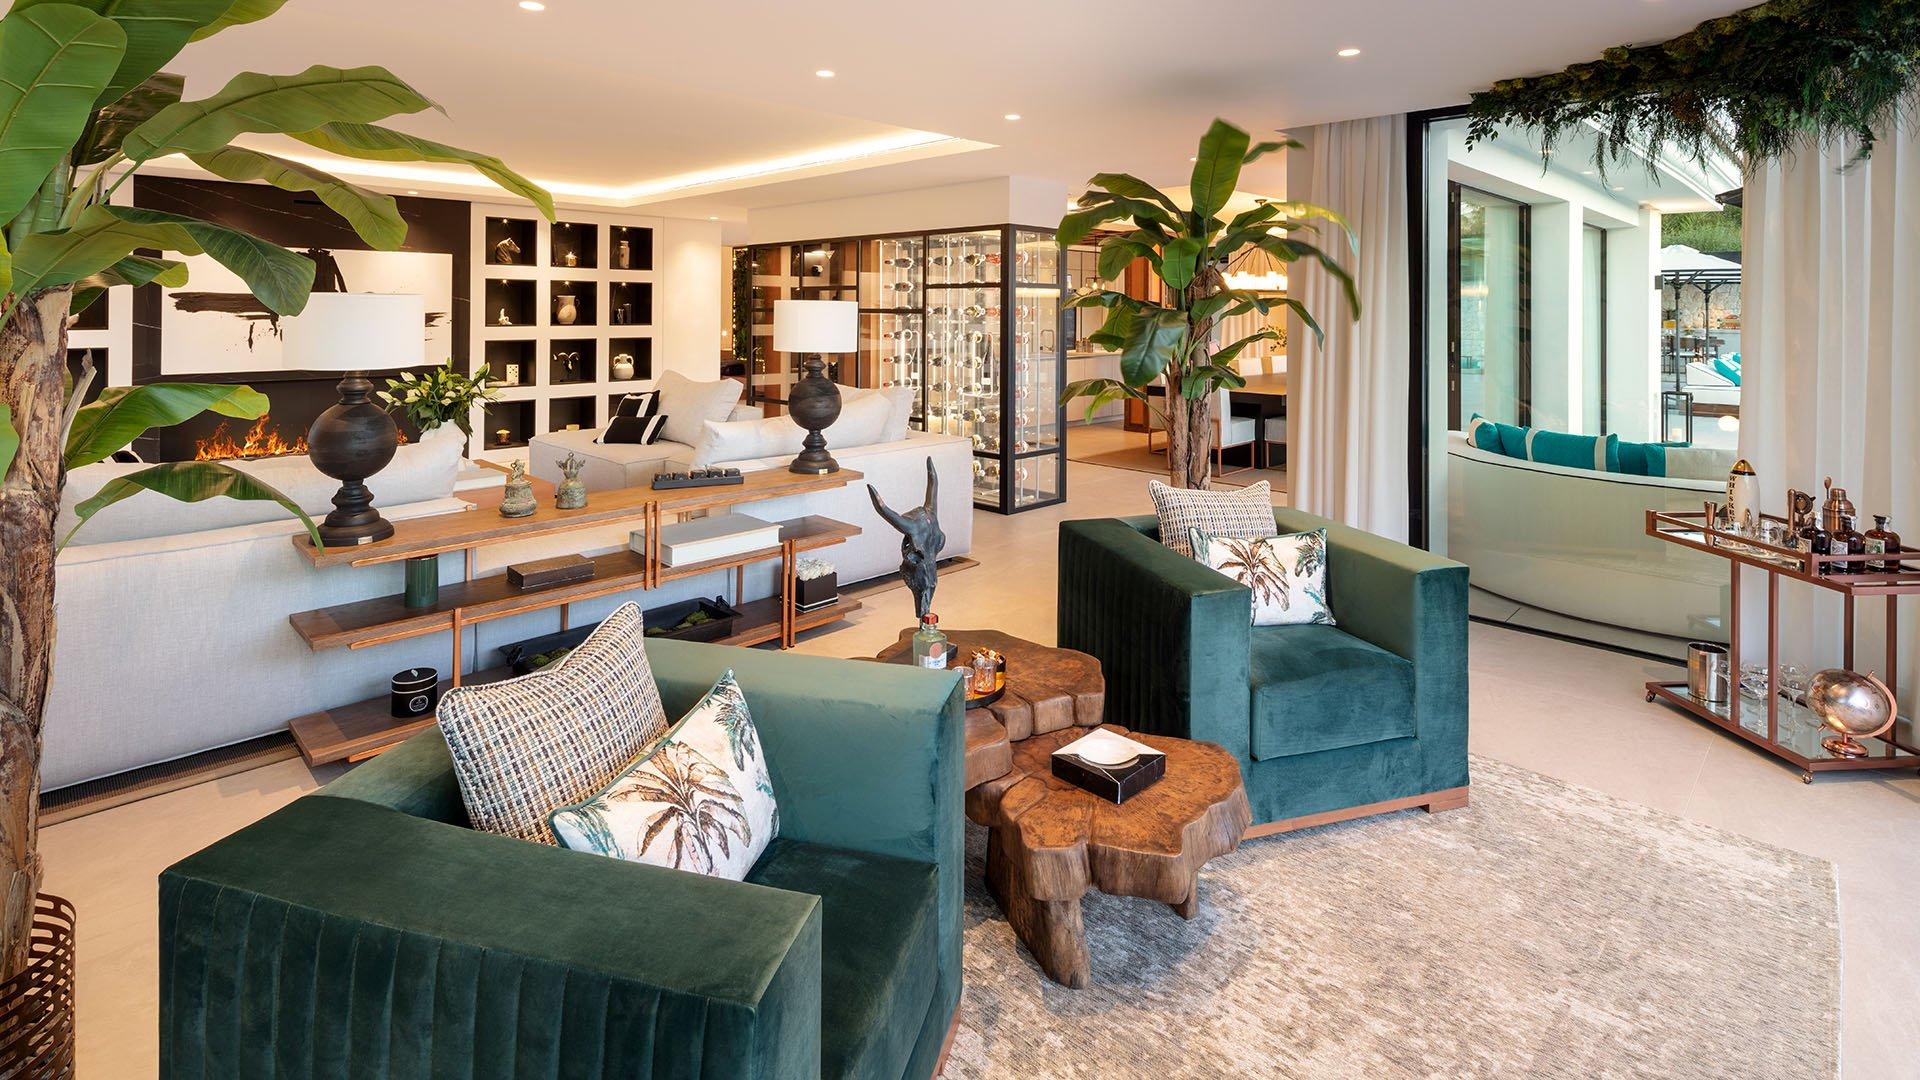 Villa Cobre: Beautiful luxury frontline golf villa at Las Brisas Golf in Marbella